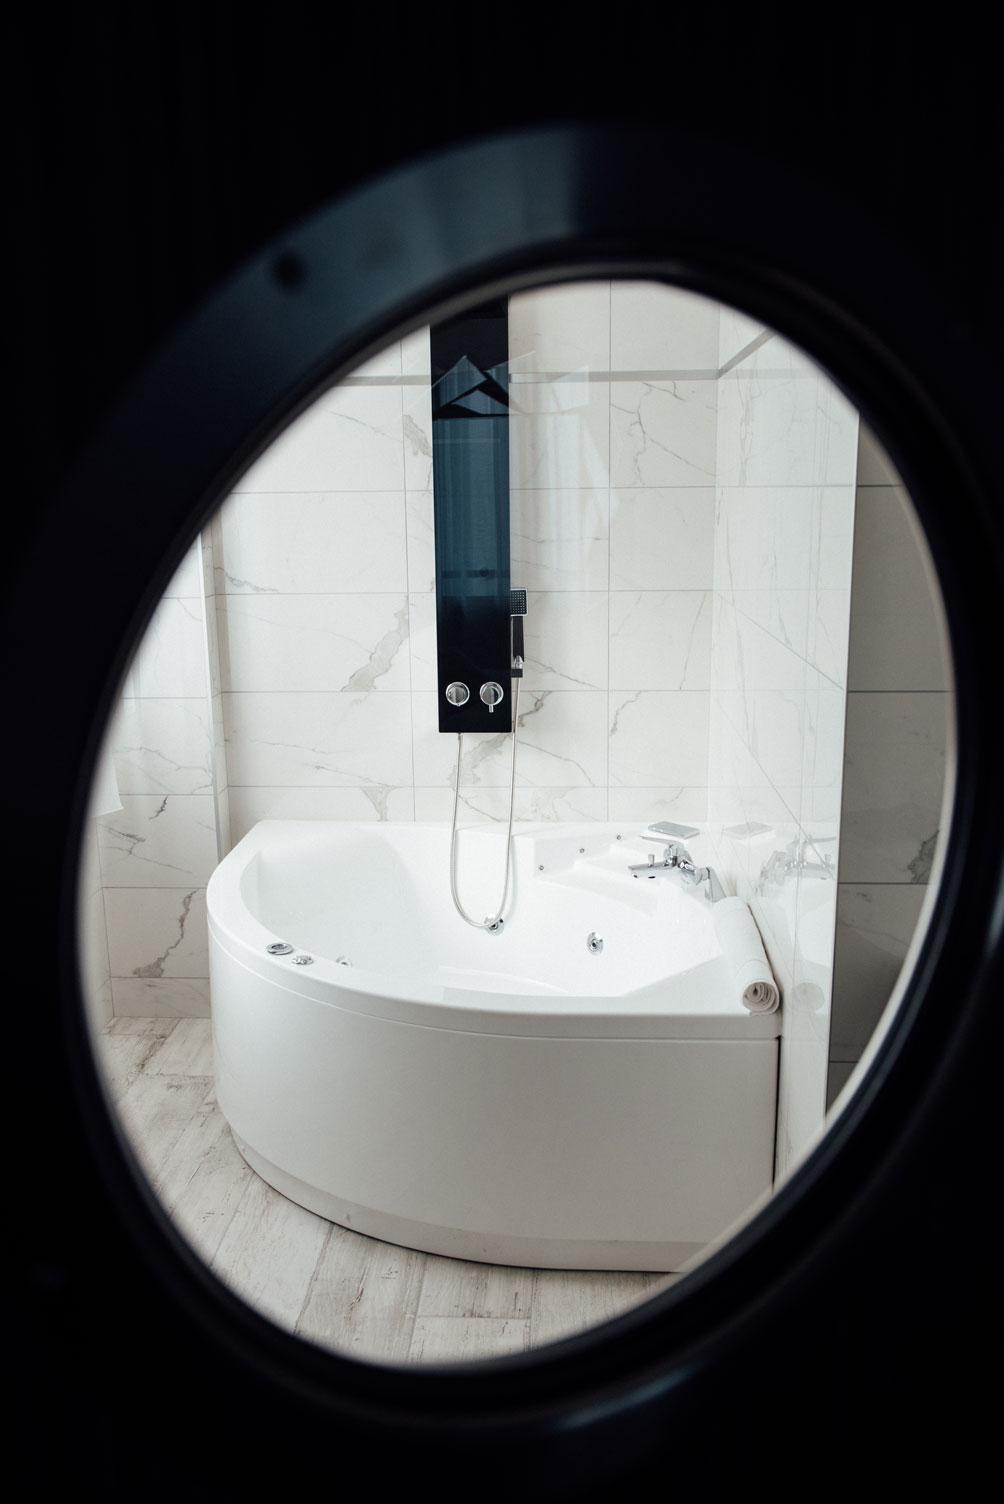 Salle de bain, baignoire balnéothérapie jacuzzi vue à travers un hublot | Amirauté Hôtel La Baule